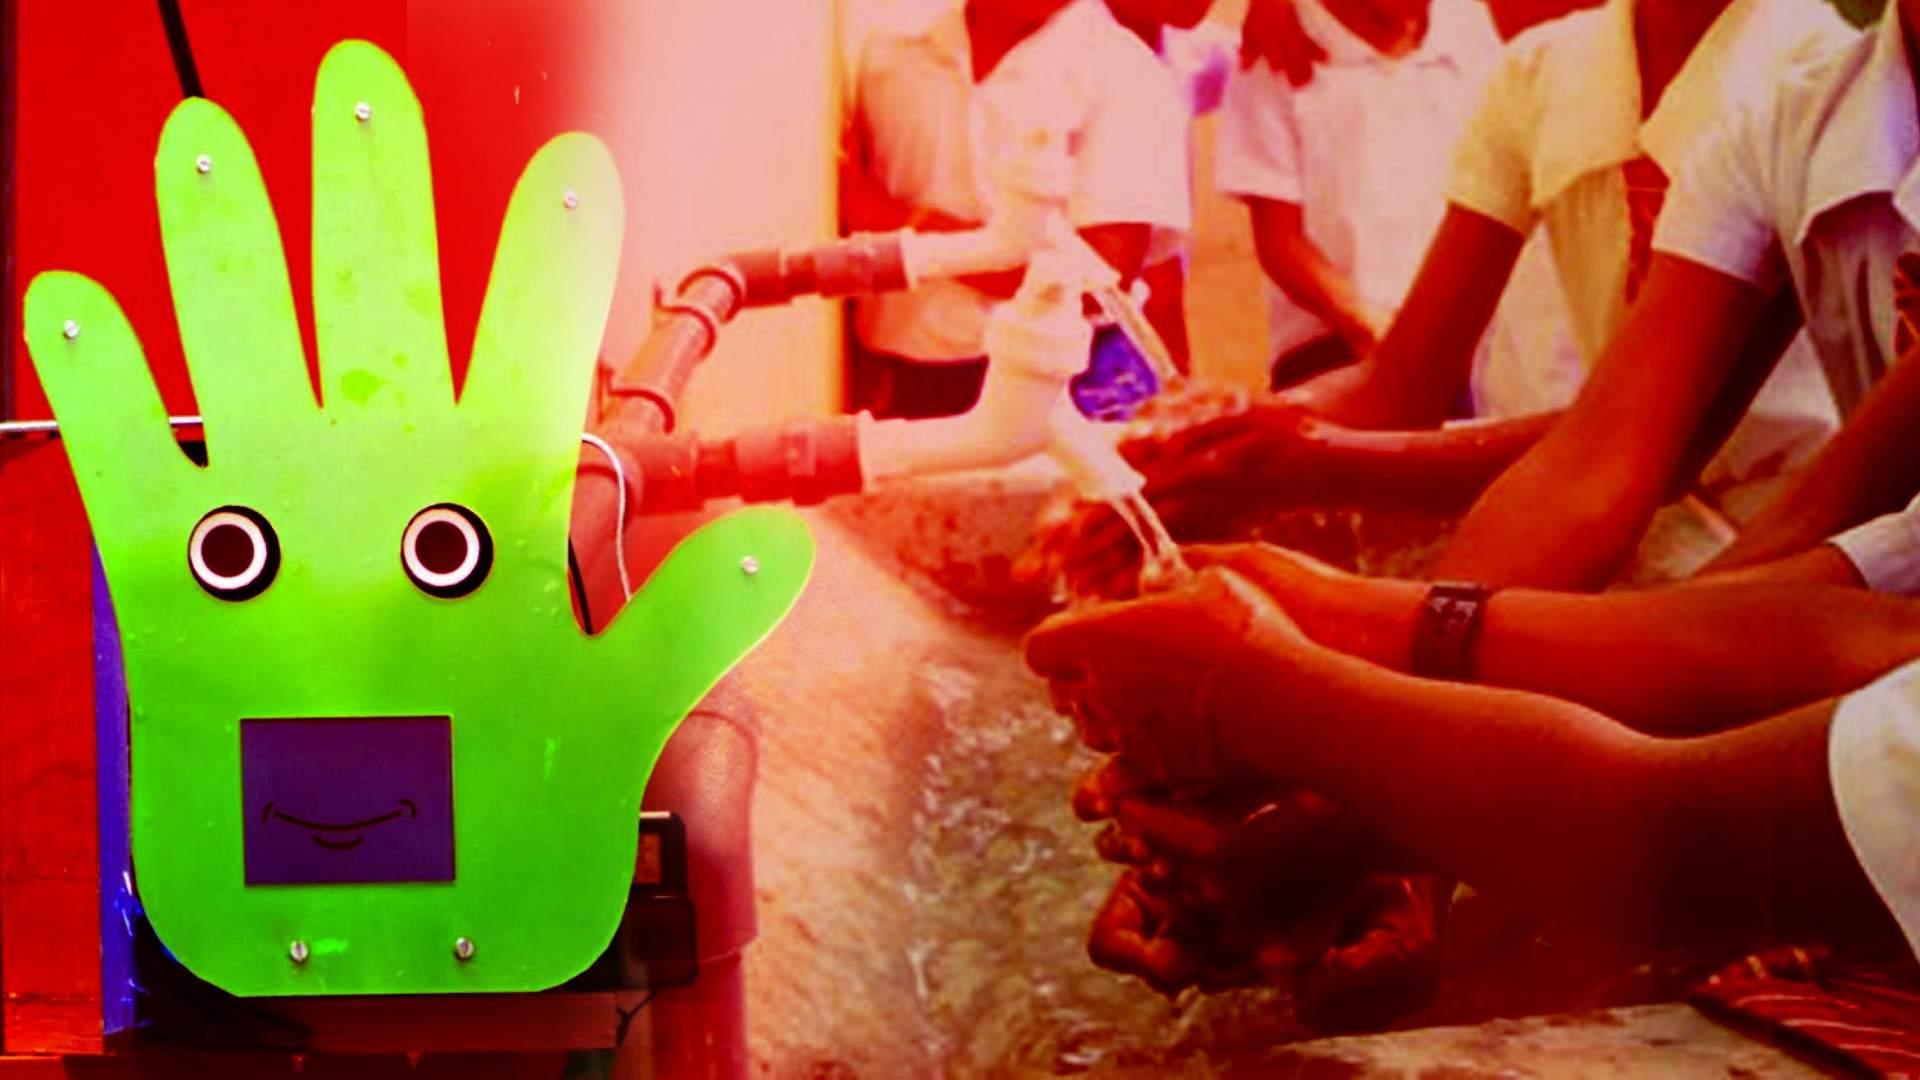 robot will give hygiene mantra to school children